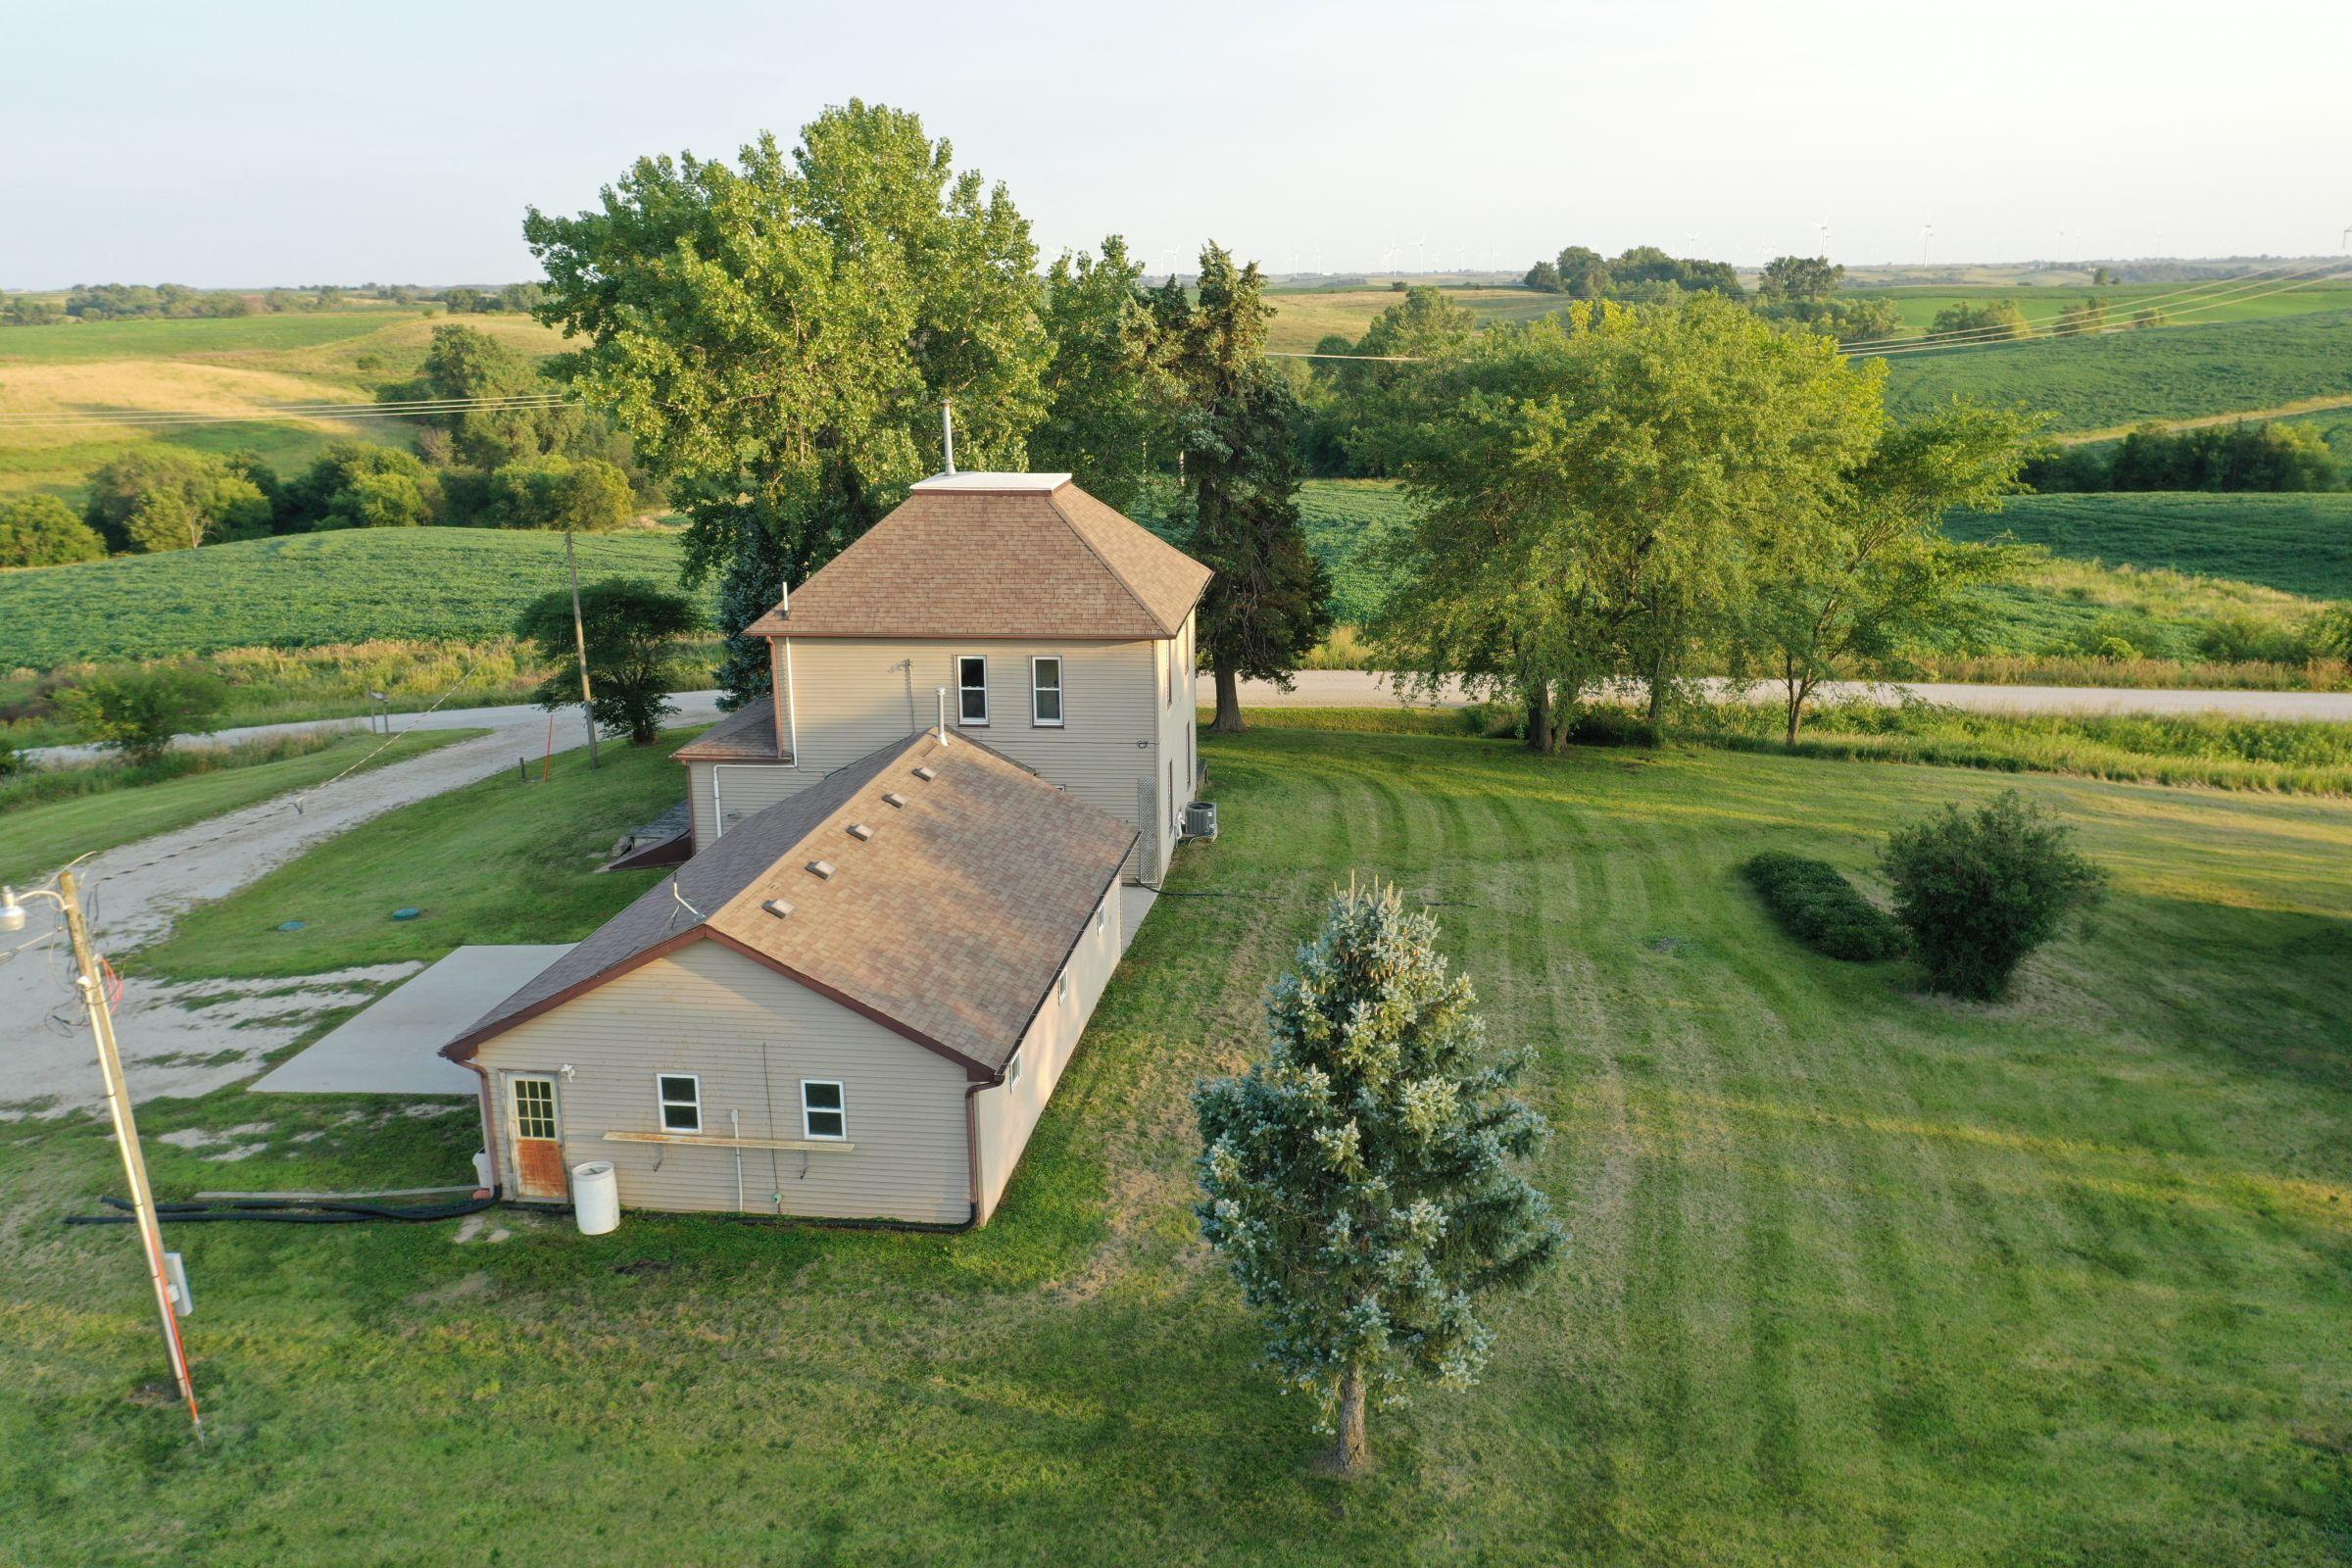 residential-adair-county-iowa-6-acres-listing-number-15664-2-2021-08-04-193528.JPG